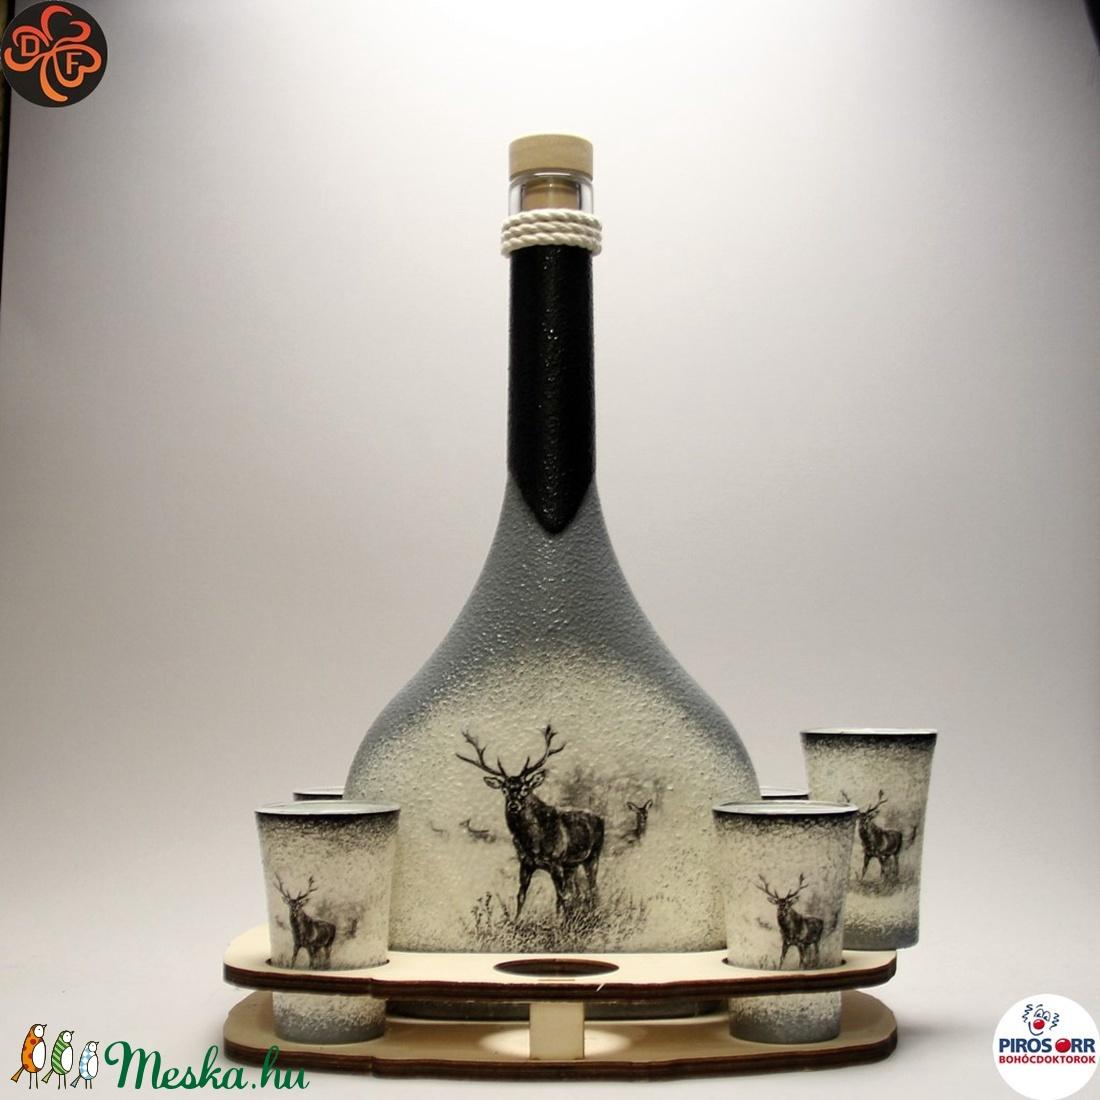 Vadász - szarvas képpel - italos készlet ; A vadászat szerelmeseinek  (decorfantasy) - Meska.hu